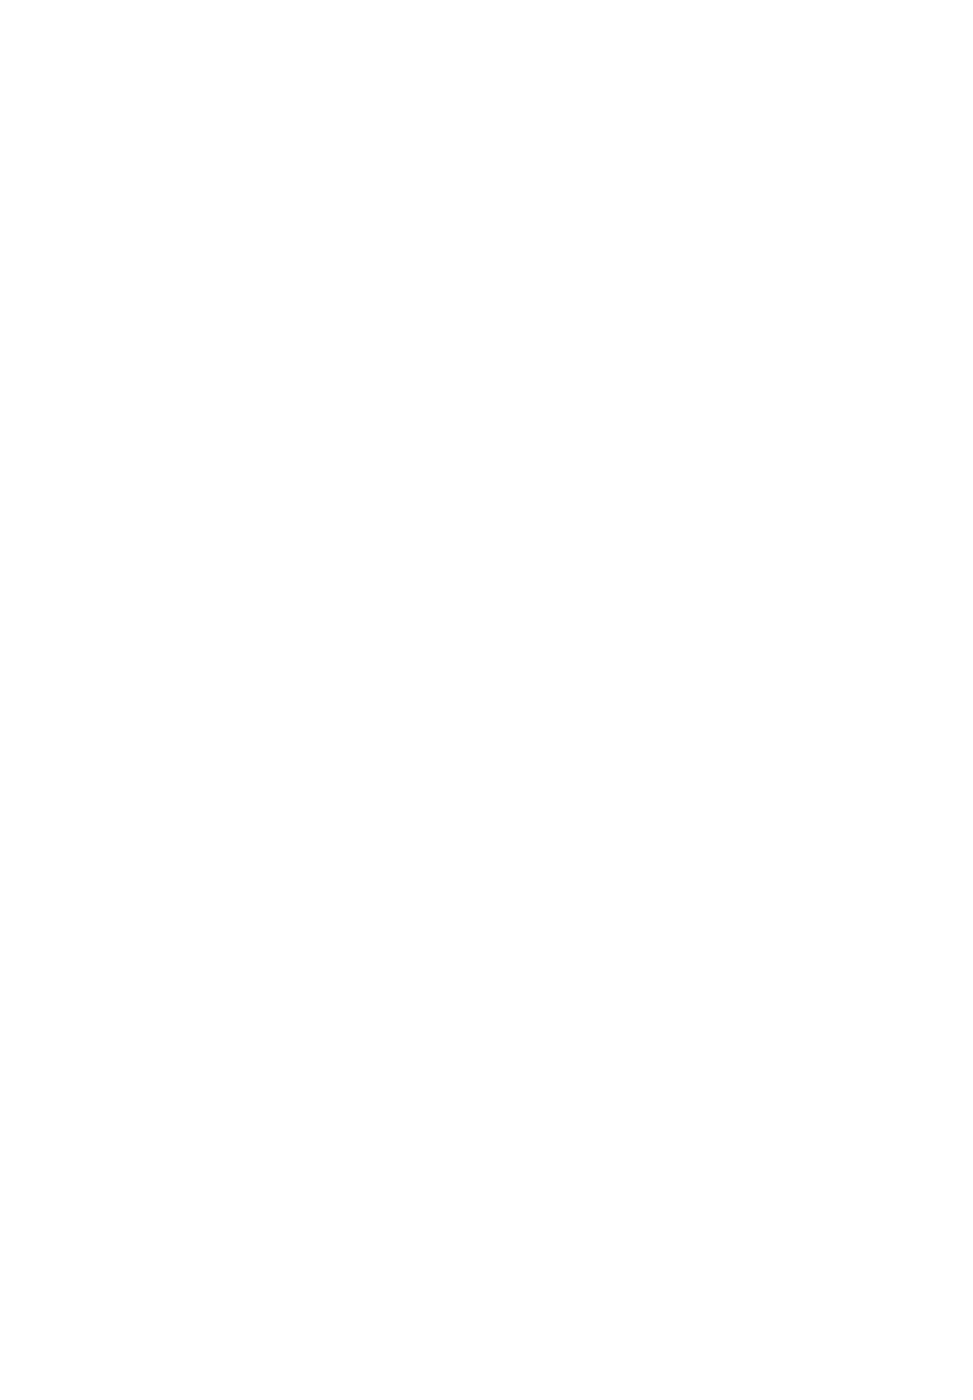 Vagabond - Lãng Khách Chap 224 - Truyen.Chap.VN